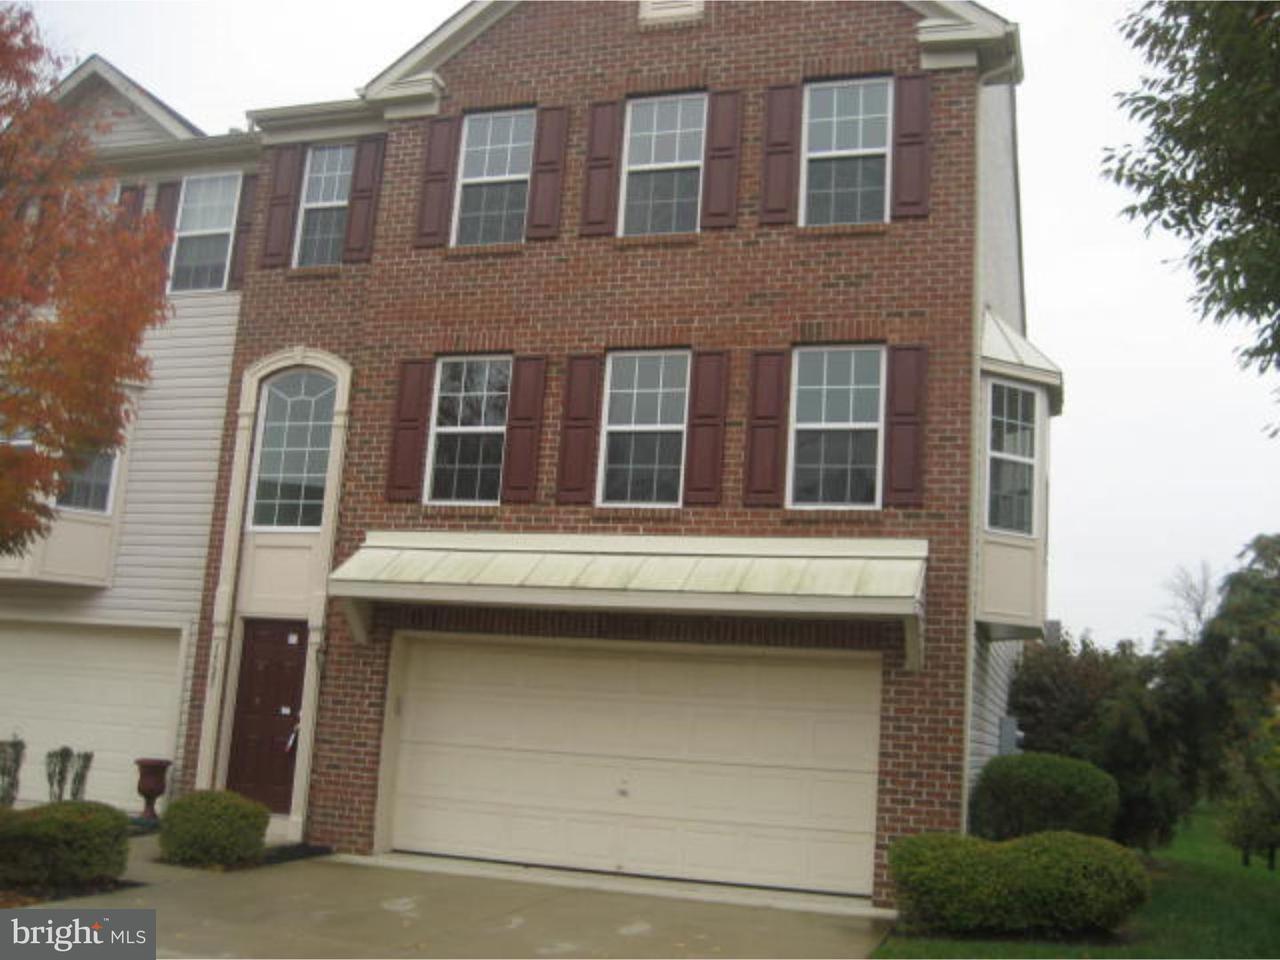 Casa unifamiliar adosada (Townhouse) por un Venta en 1525 JASON Drive Cinnaminson Township, Nueva Jersey 08077 Estados Unidos